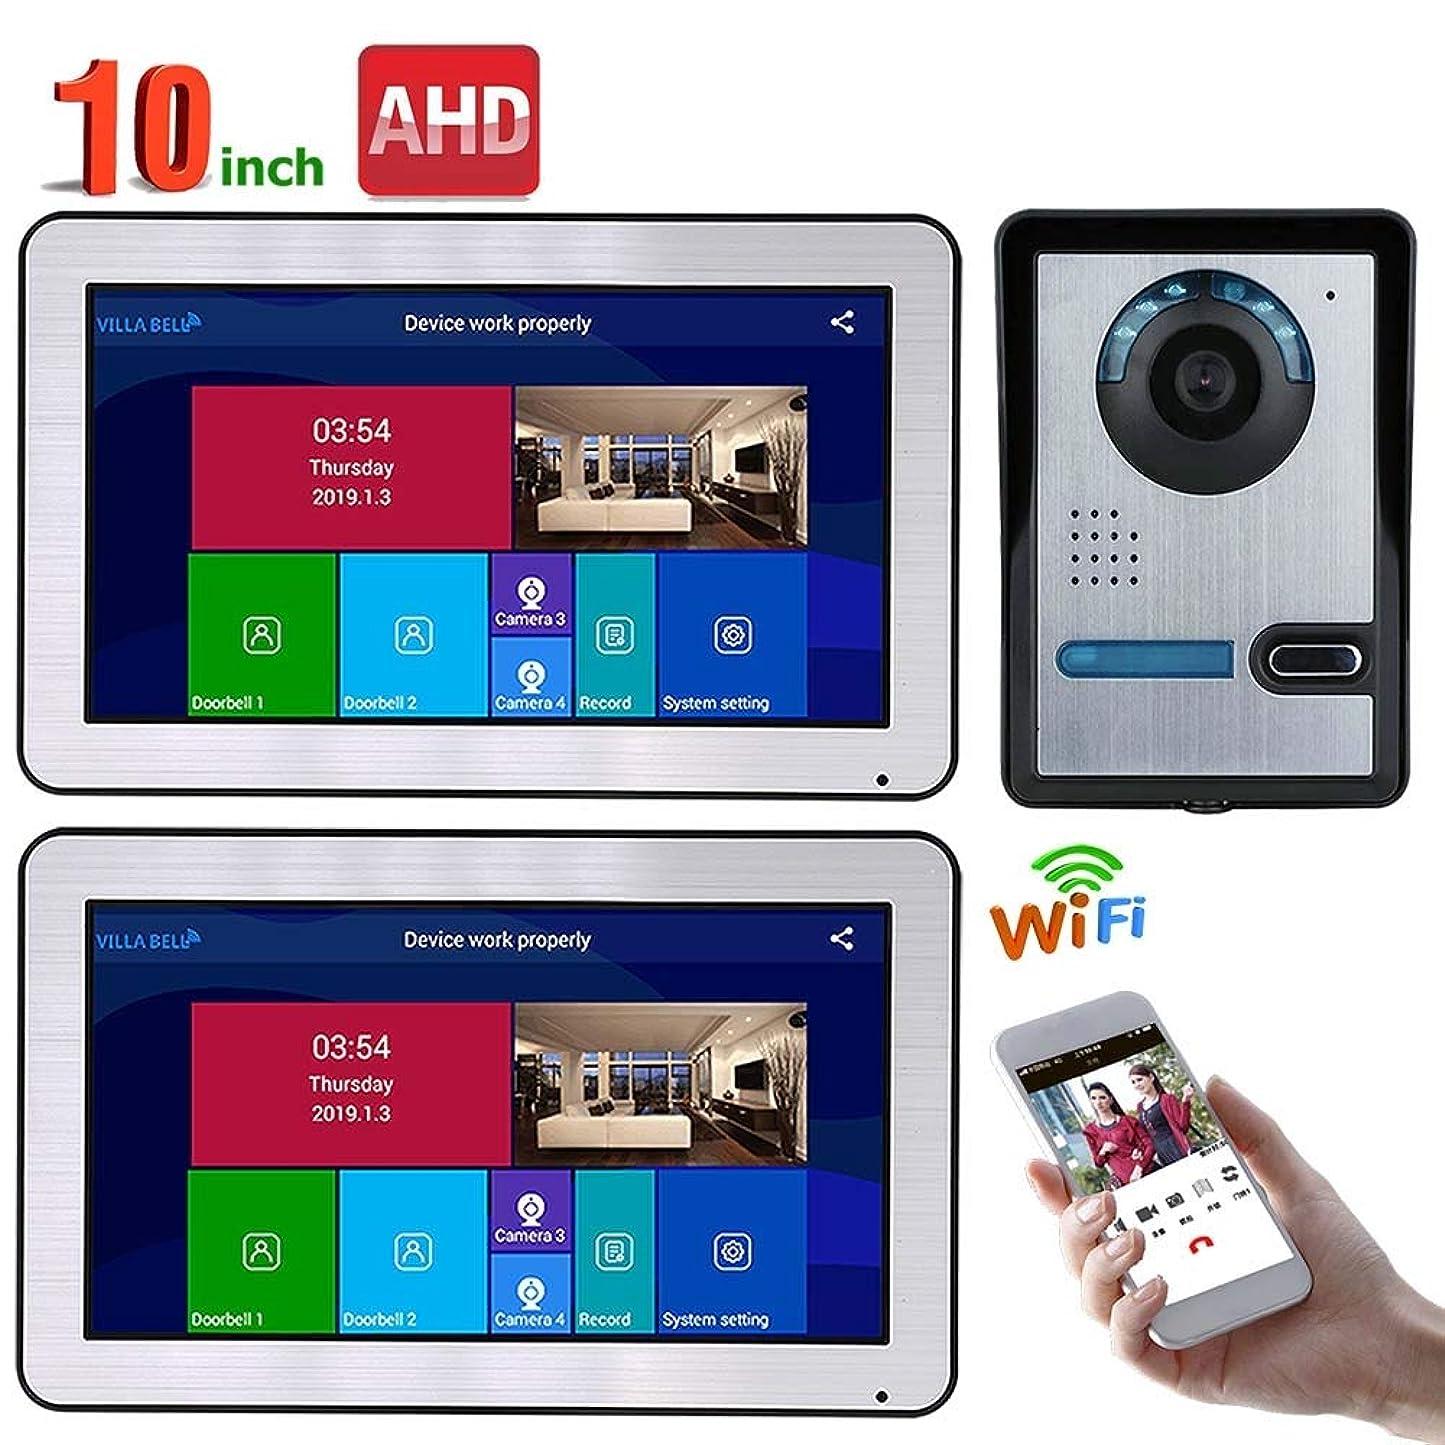 年齢誰提出する10インチ2モニター有線wifiビデオドアホンドアベルインターホンエントリーシステム付きAHD 720 p有線IRカットカメラナイトビジョン